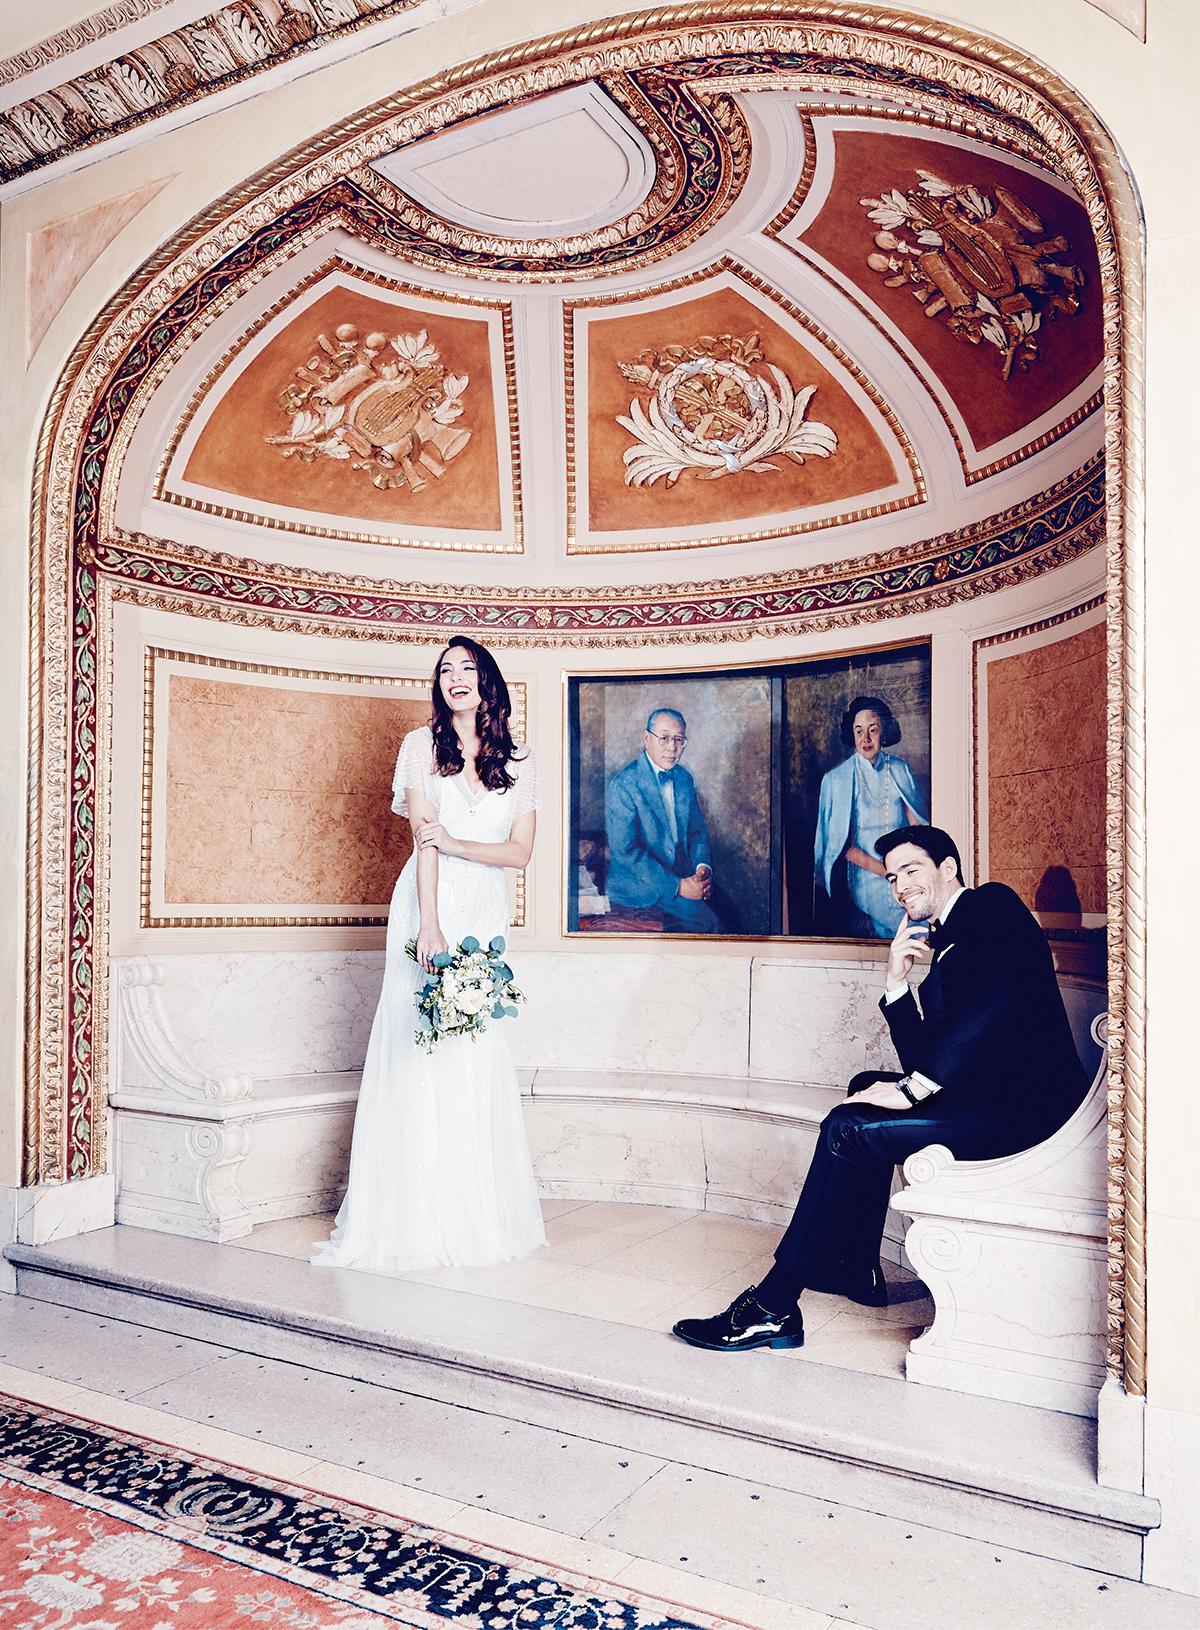 dramatic wedding gowns